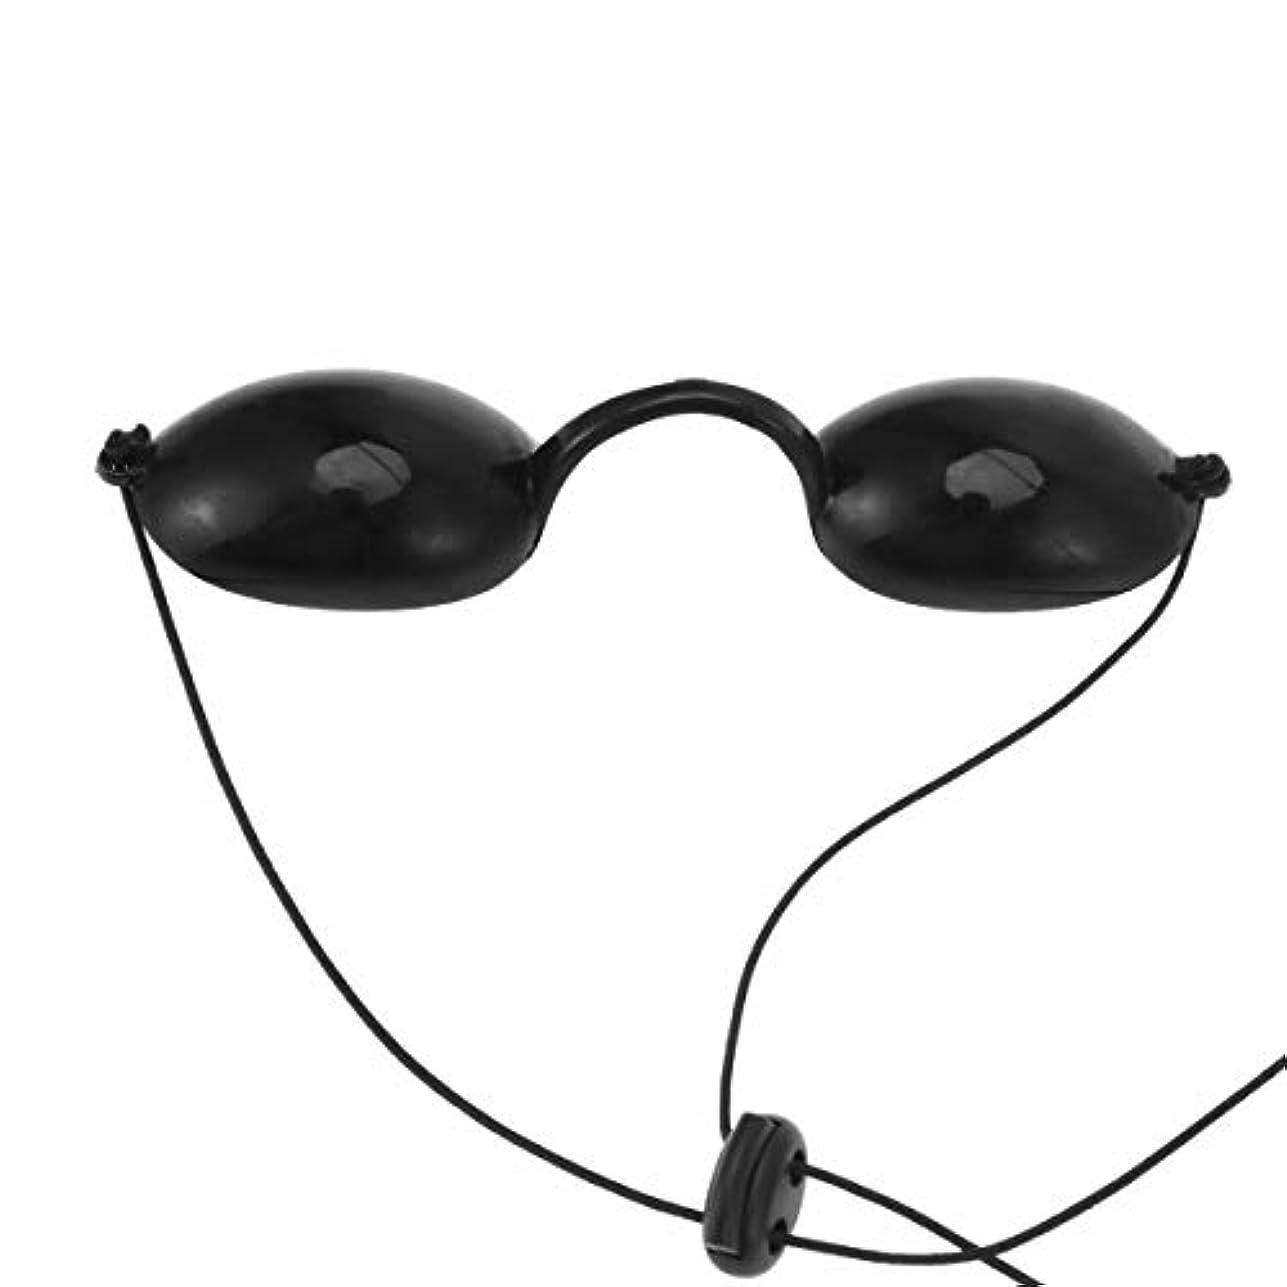 刑務所スポーツマン抗議SUPVOX成人日焼けゴーグルUVプロテクションアイパッチライトセラピーメガネアイカラー(ブラック)